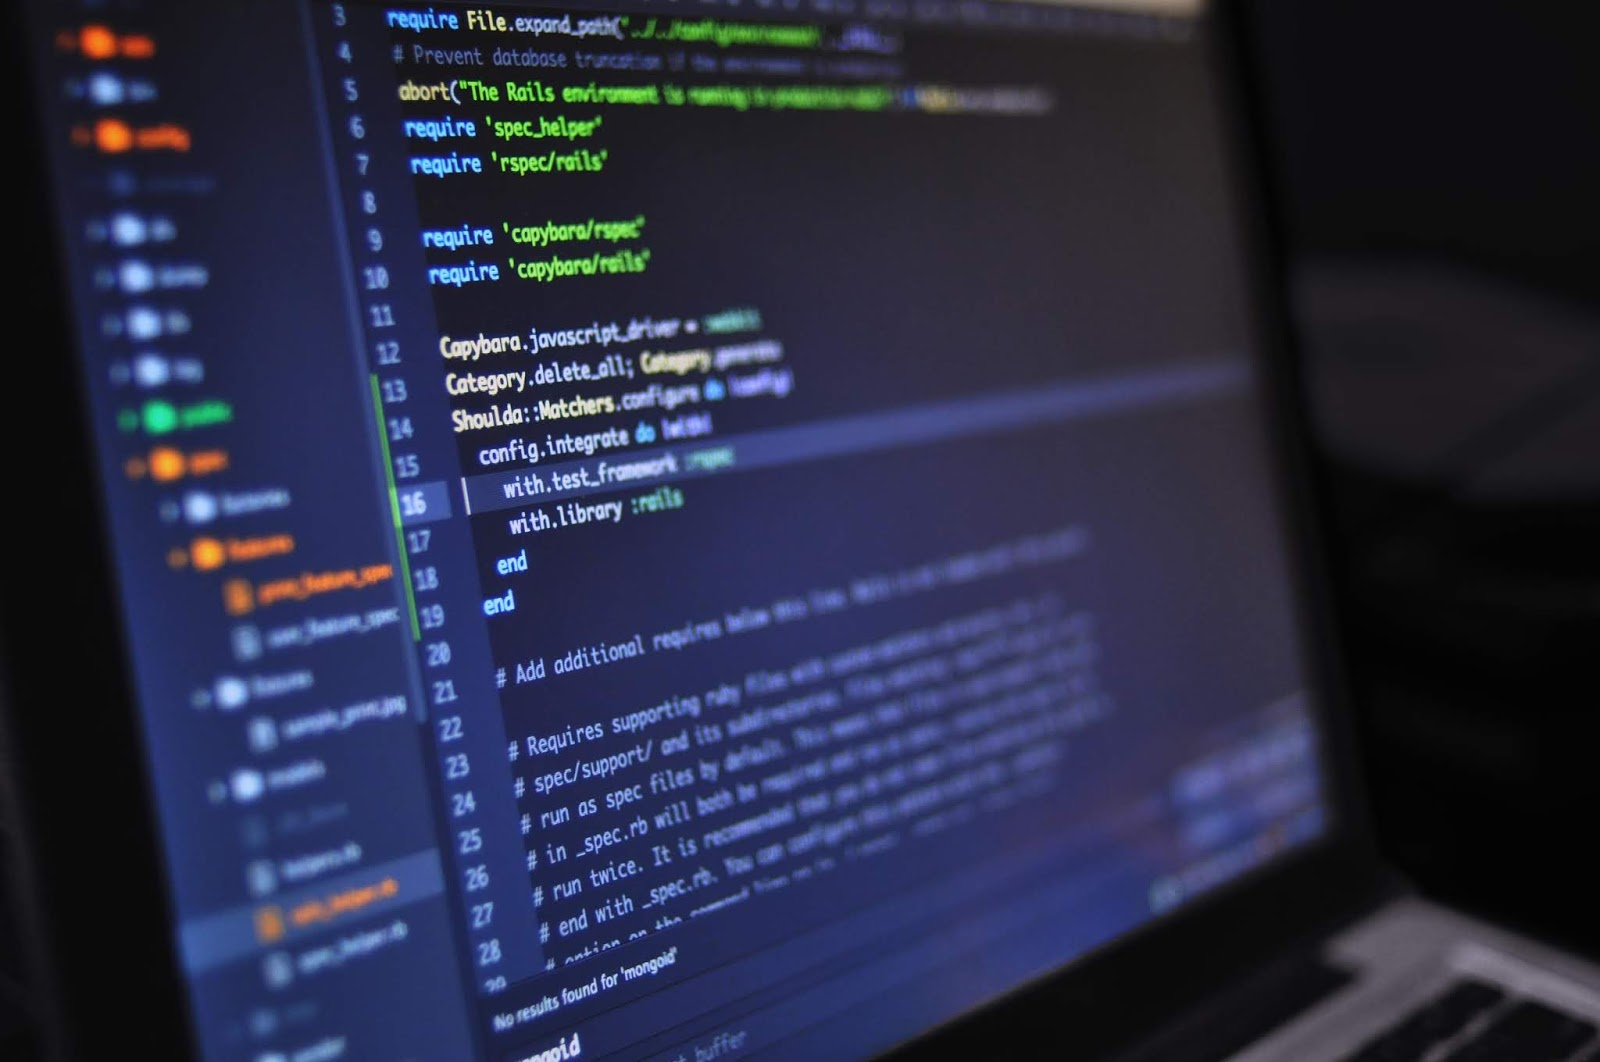 gambar ilustrasi software komputer